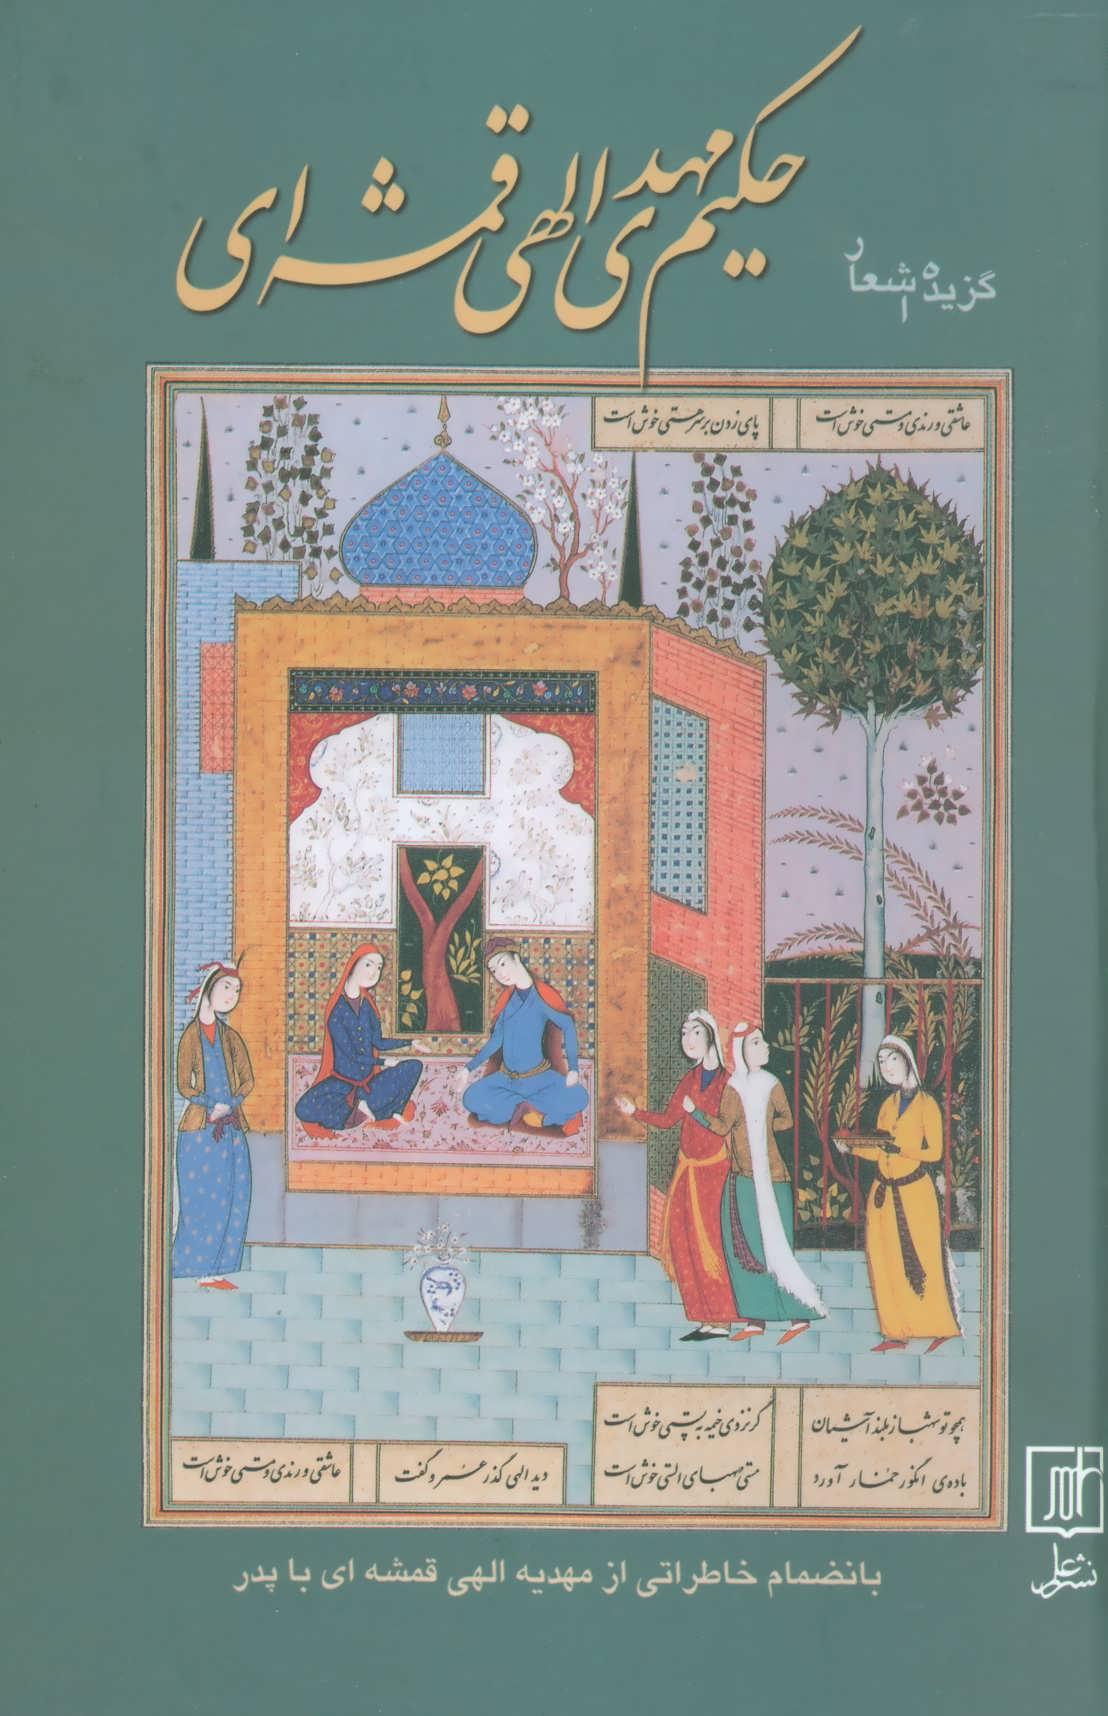 کتاب زندگینامه، خاطرات و خلاصه دیوان مهدی الهیقمشهای